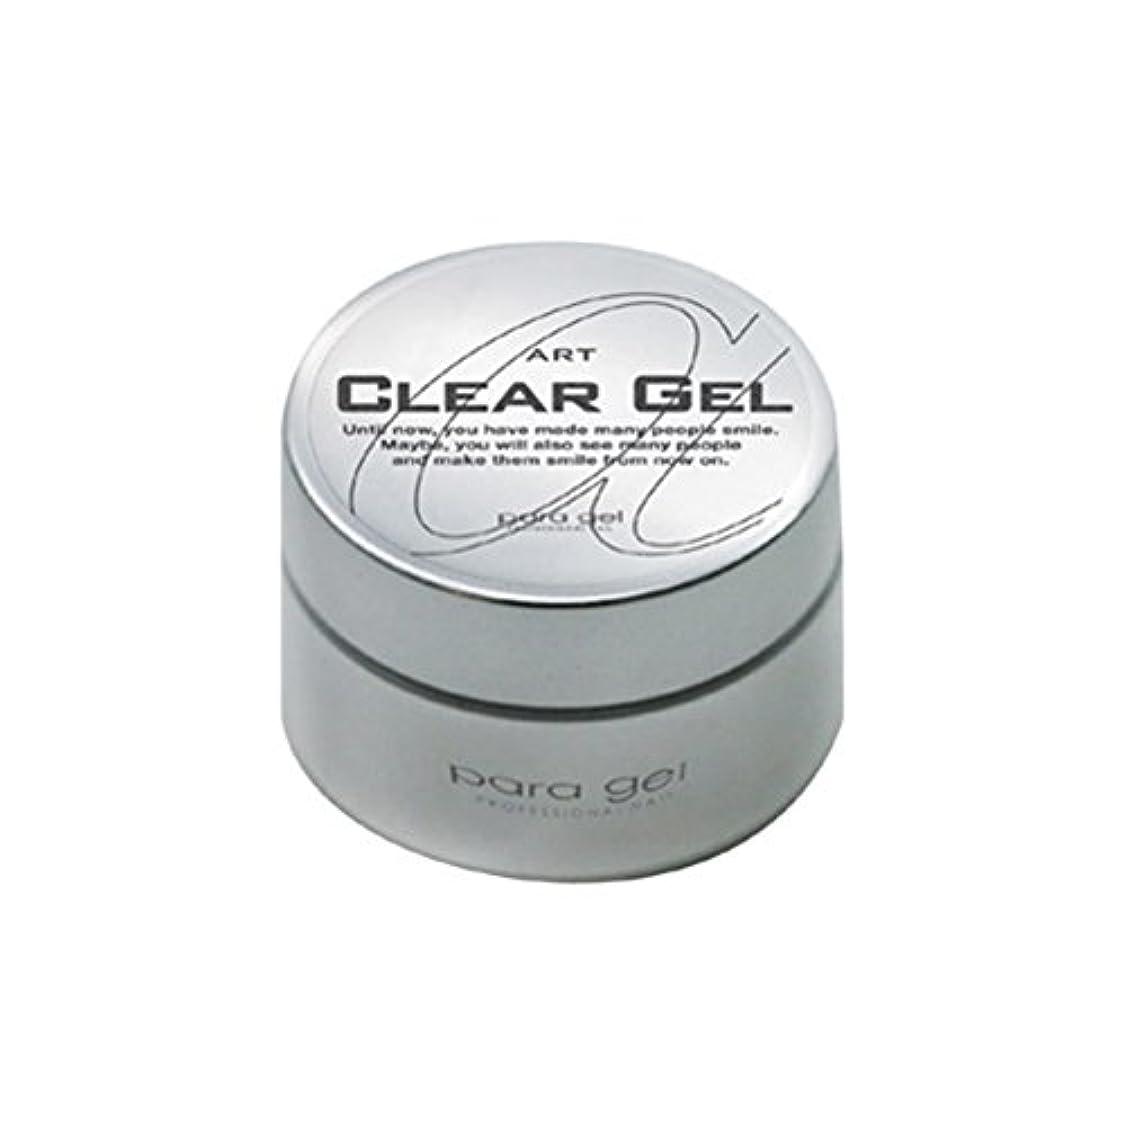 ペイント環境保護主義者名誉あるpara gel アートクリアジェル 10g サンディング不要のベースジェル